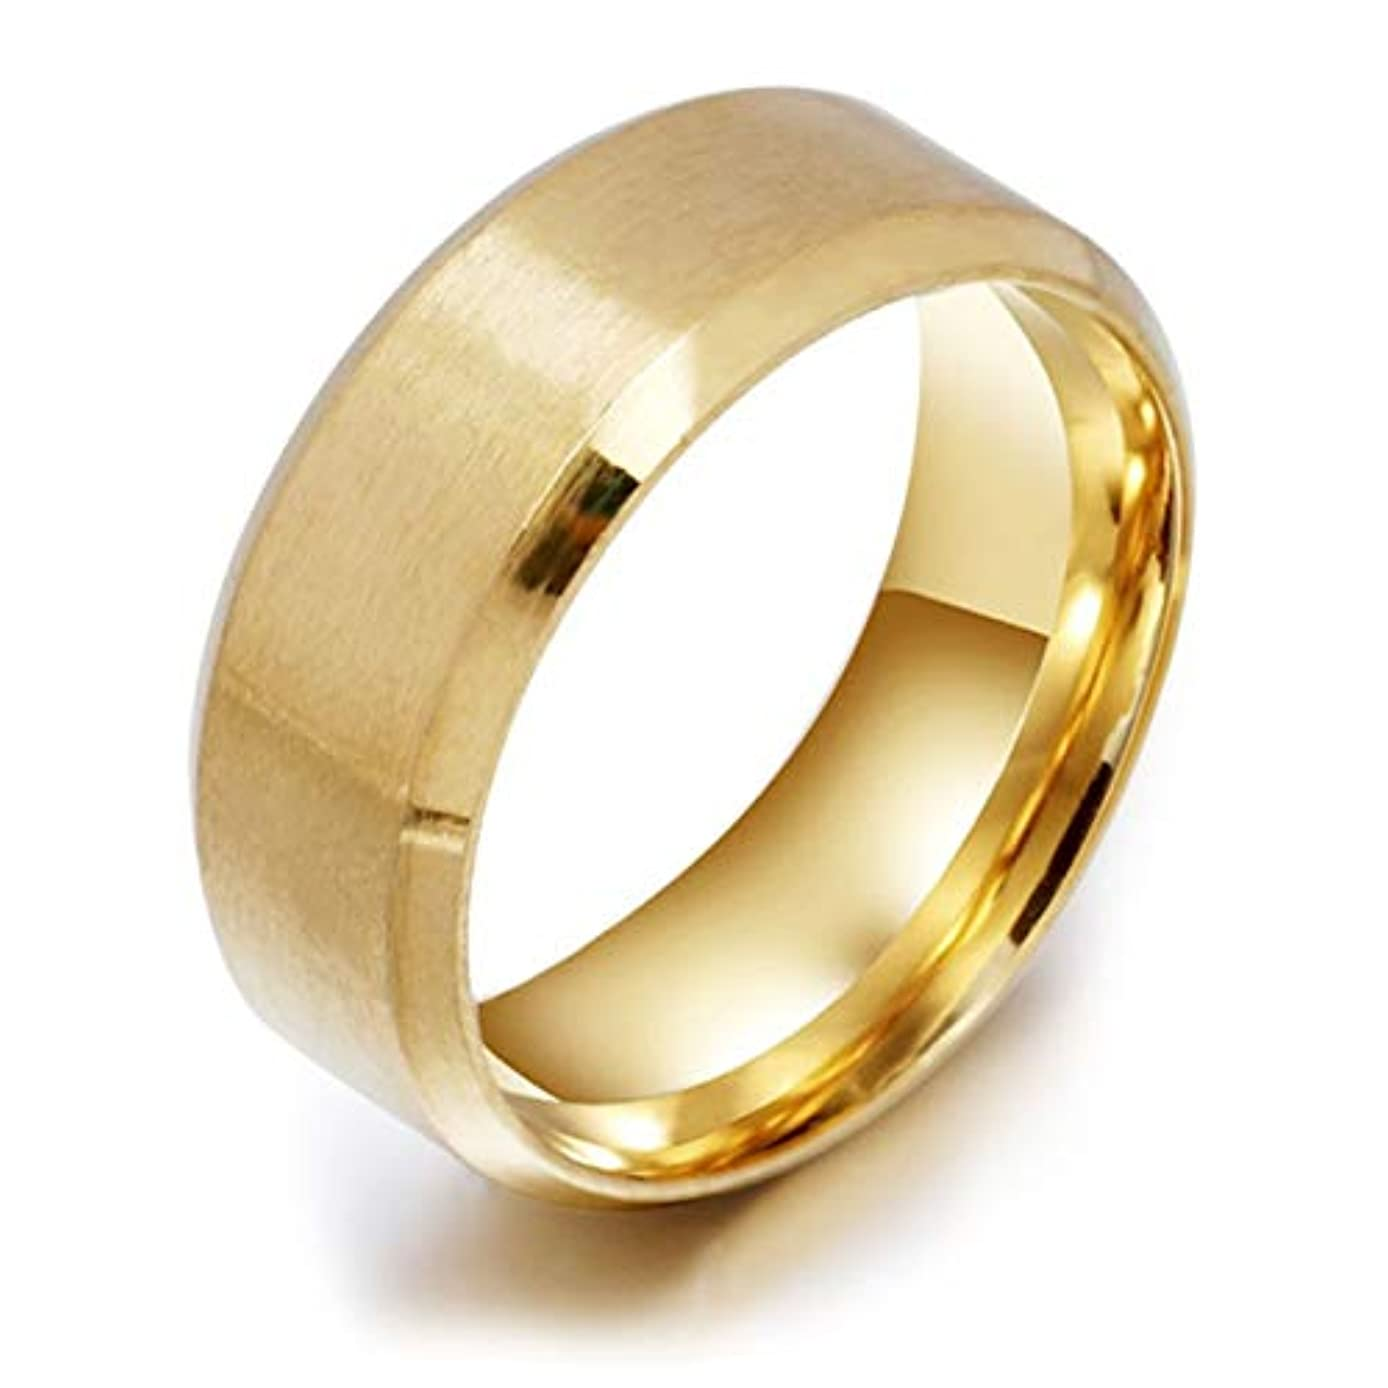 脊椎典型的なブラシステンレス鋼の医療指リング磁気減量リング男性のための高いポーランドのファッションジュエリー女性リング-ゴールド10